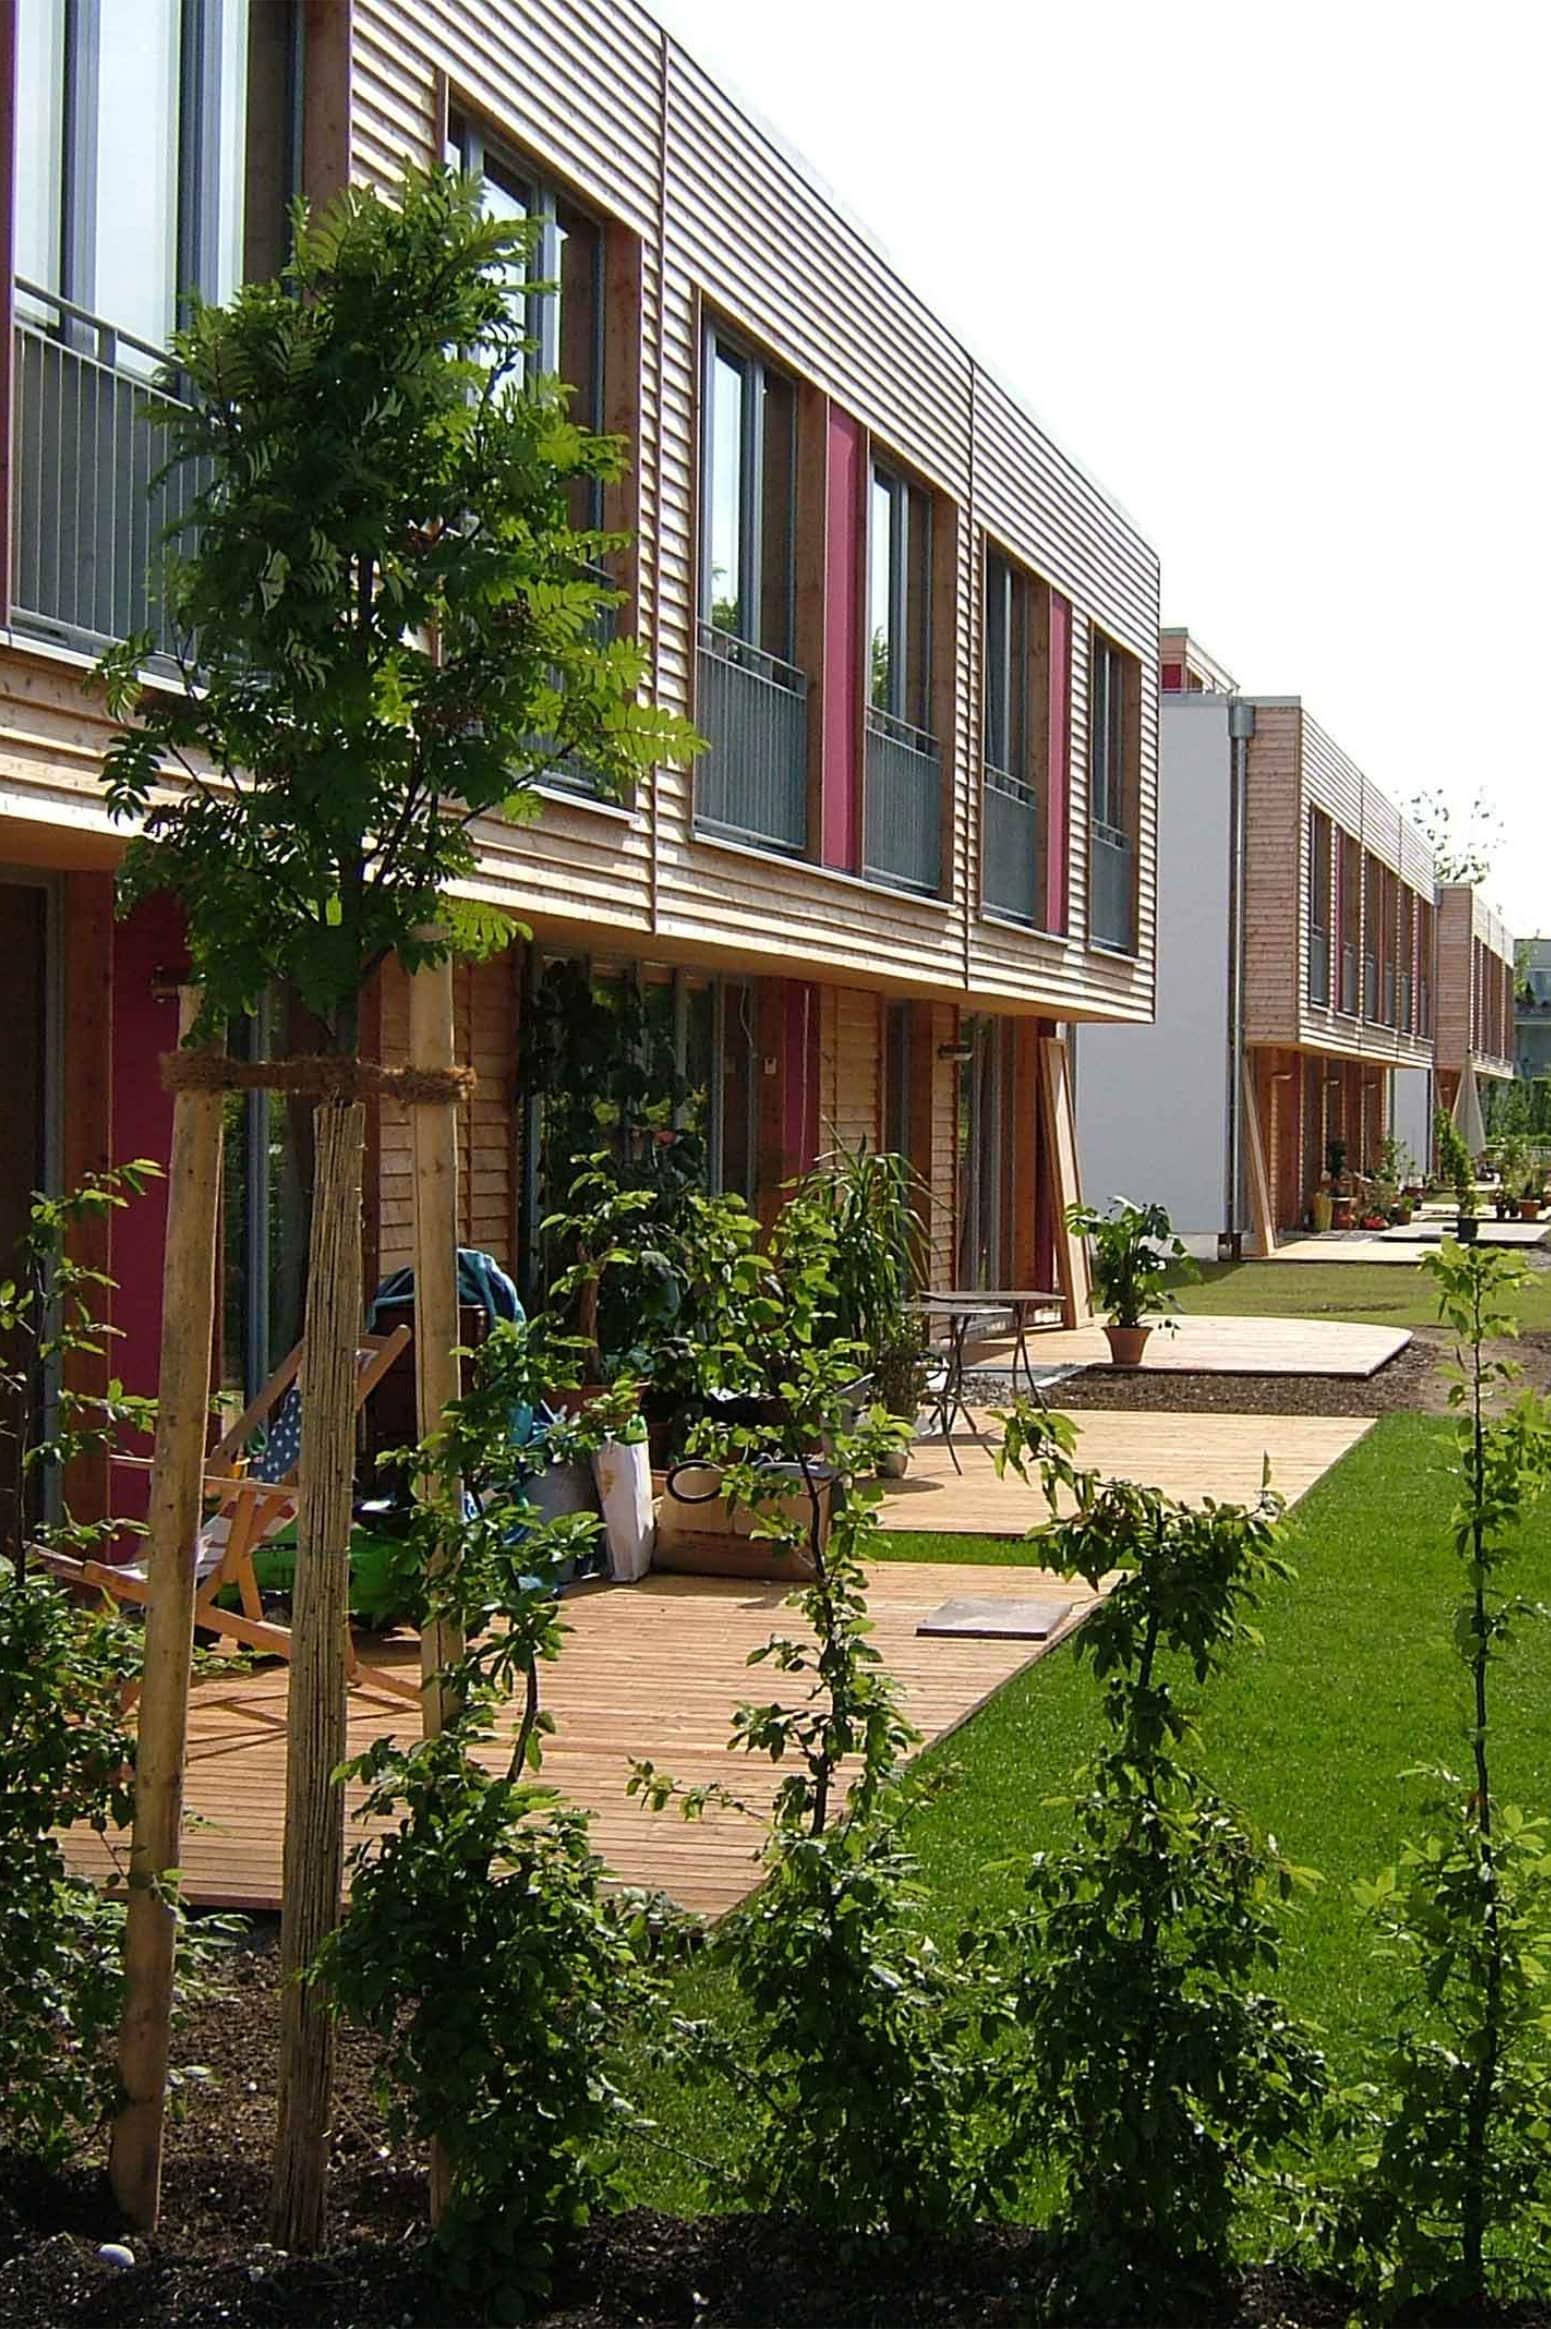 Gärten Süd der Nullenergie-Wohnanlage NEST R2 in der Messestadt Riem in München. Ausgezeichnet u.a. mit dem Bauherrenpreis 2008 für Wohn- und Gewerbebauten Messestadt Riem der Landeshauptstadt München.